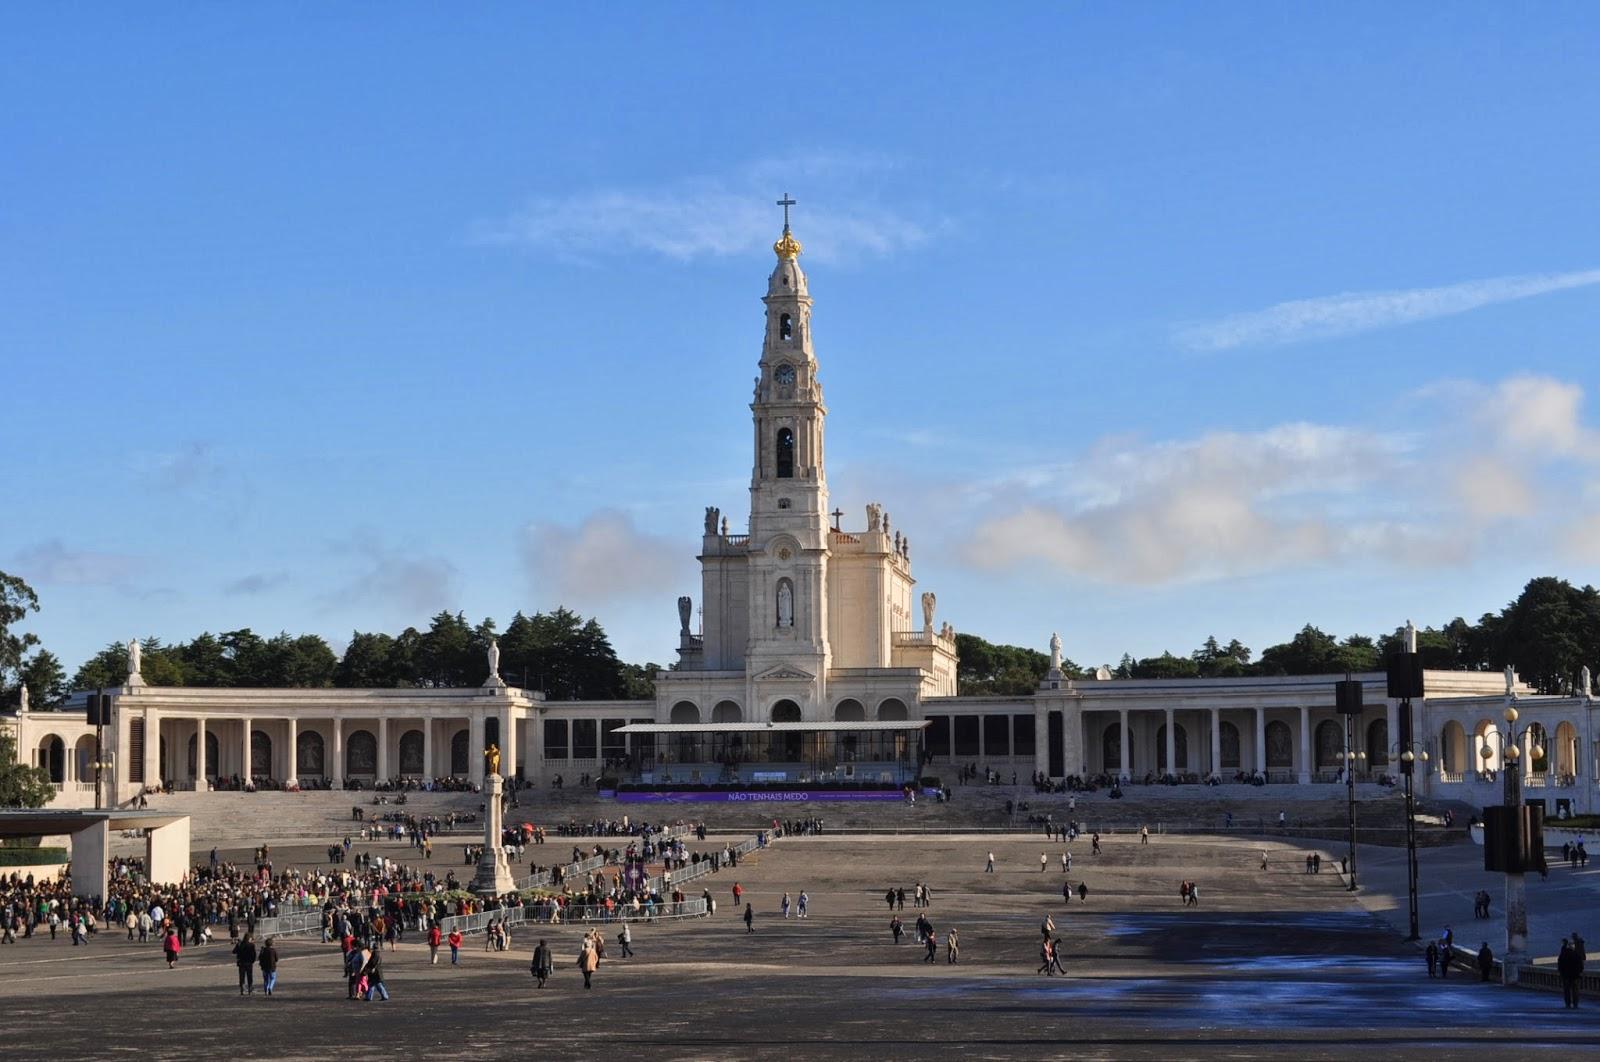 Ето ни и във Фатима - третият по значение поклоннически център в католическия свят след Лурд във Франция и Сантяго де Компостела в Испания. Огромният площад пред катедралата е проектиран по подобие на този на Св. Петър на Ватикана. Всяка година на 13 май на него се събират над 1 млн. поклонници от цялата планета.